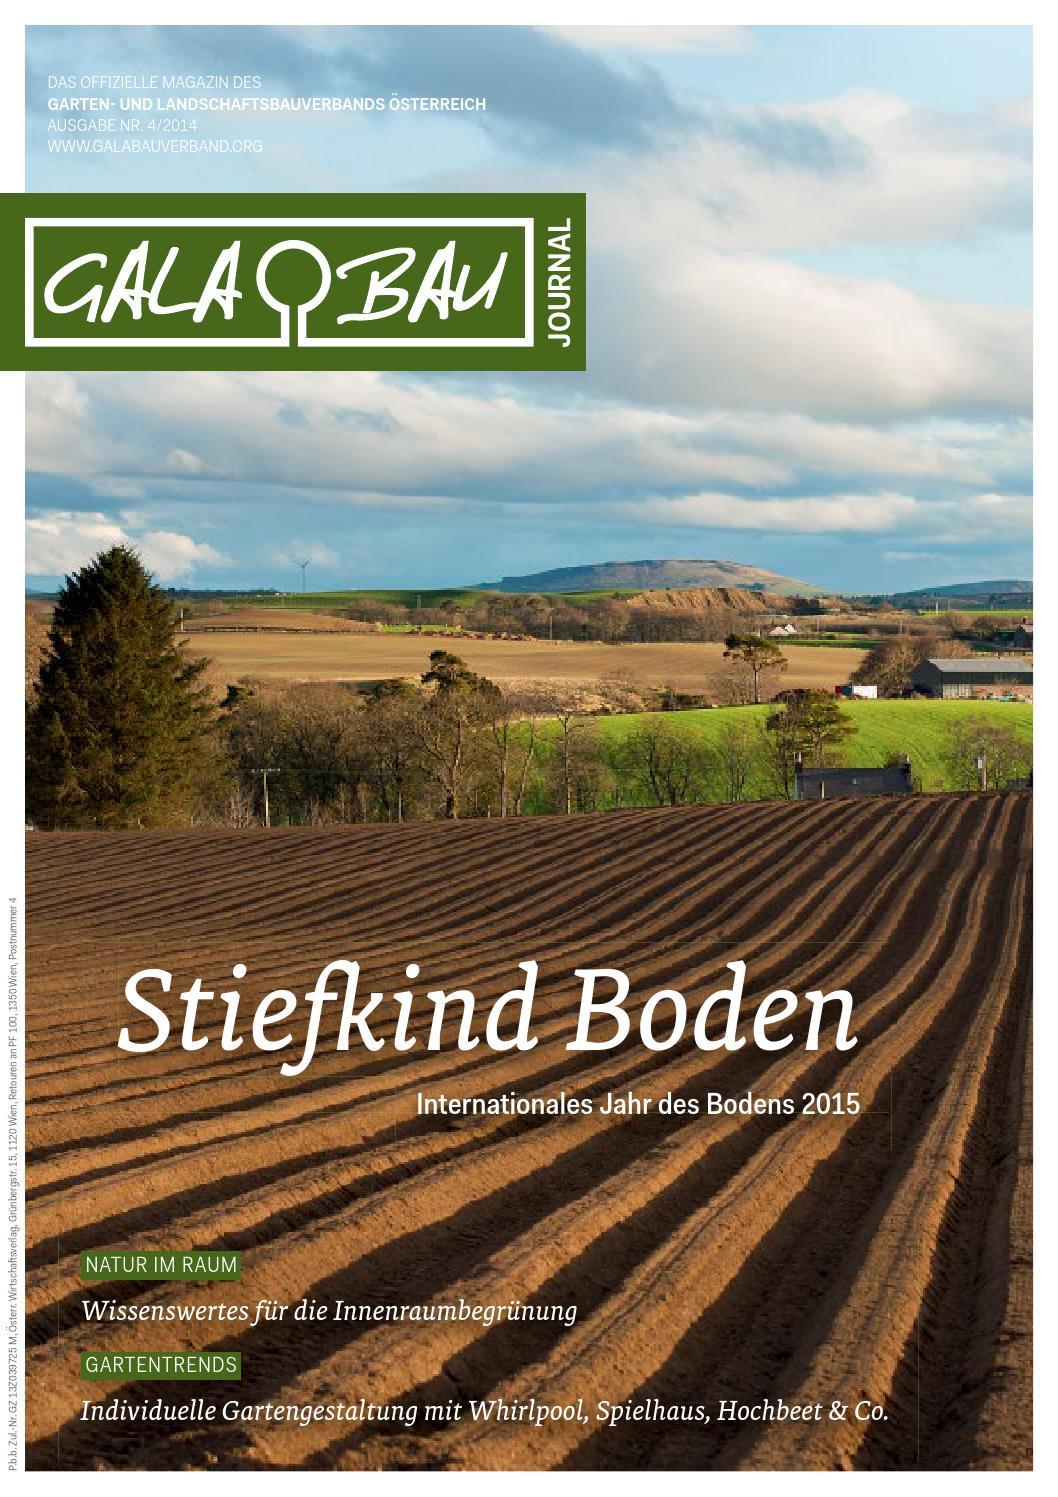 Galabauverband Garten Und Landschaftsbauverband Osterreich By